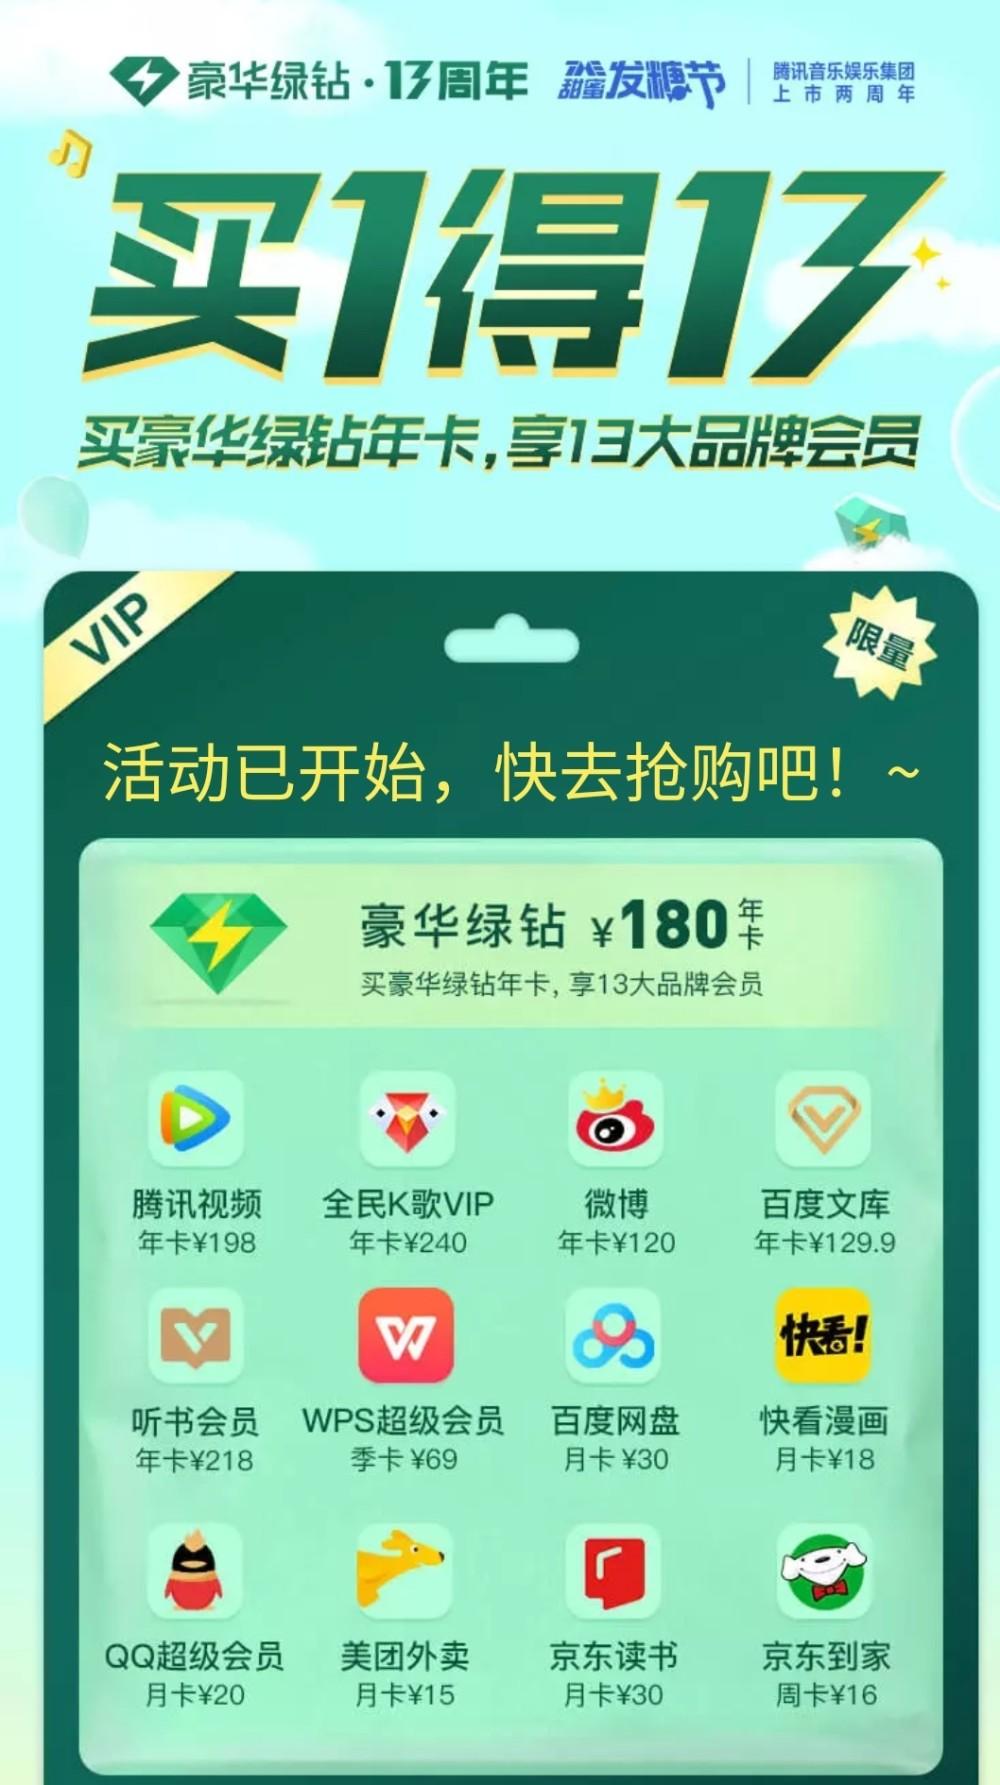 图片[1]-豪华绿钻预约180买1得13个VIP-飞享资源网